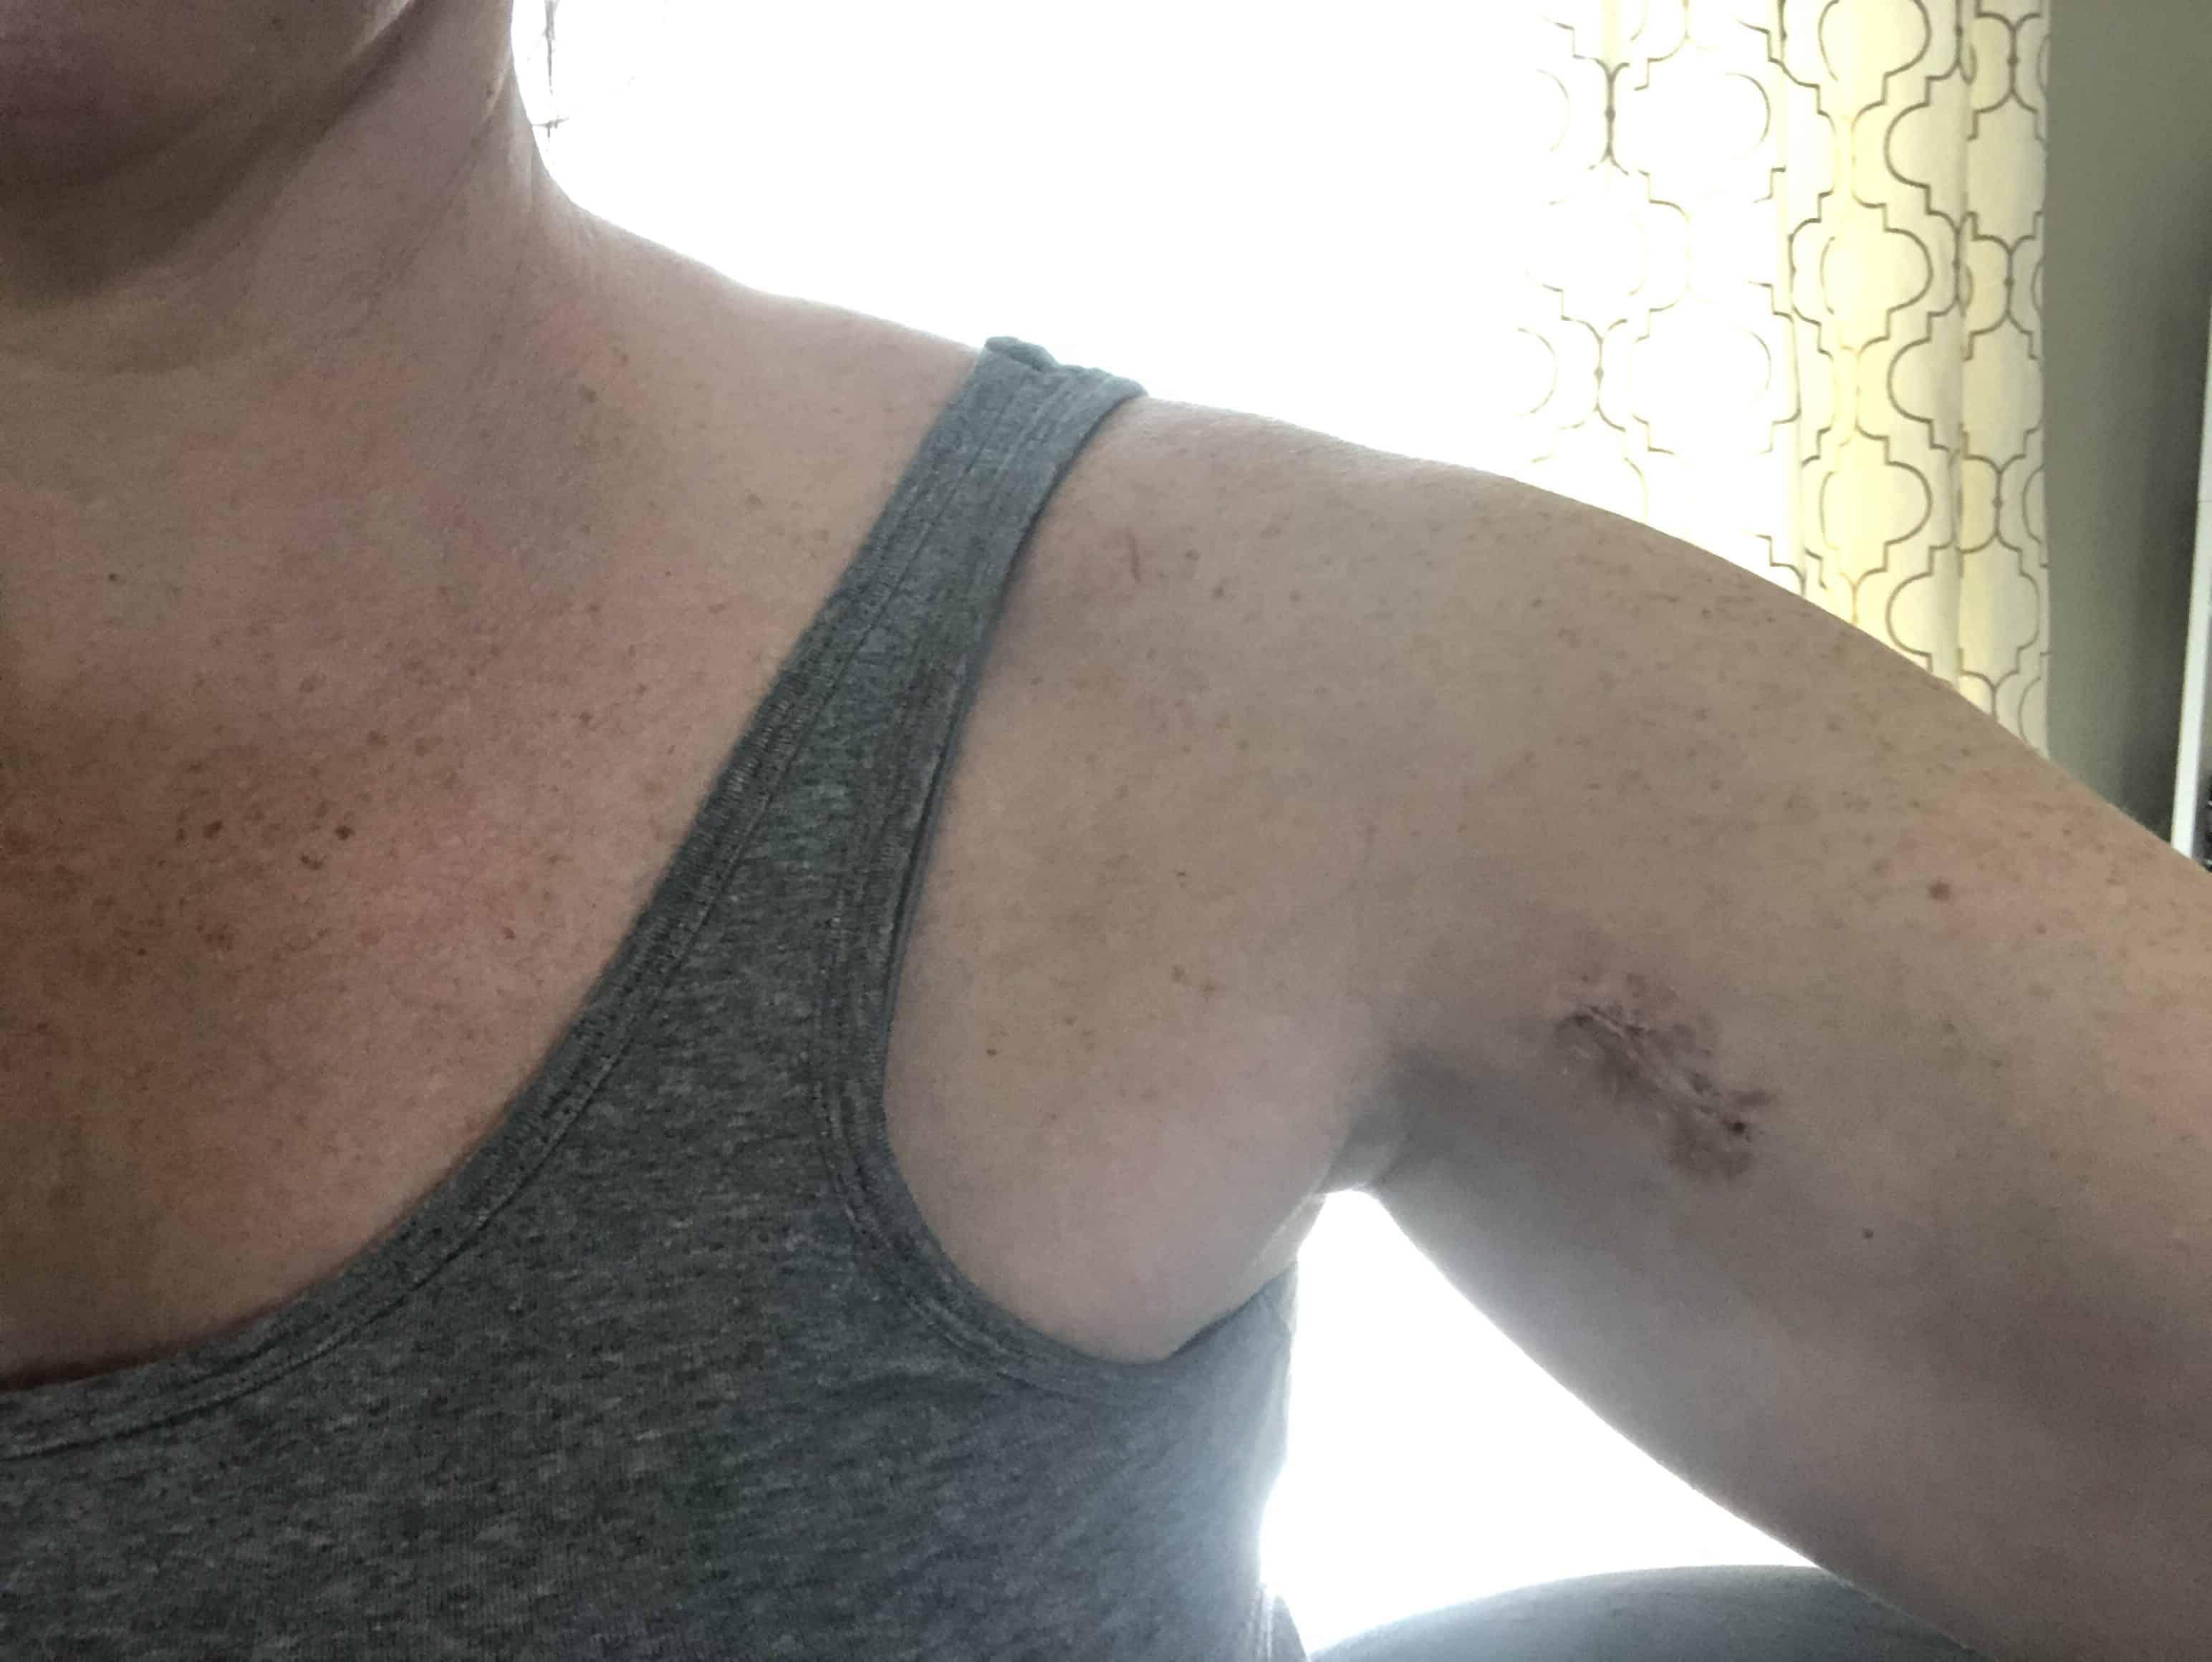 Biceps tenodesis scar 3 weeks after surgery